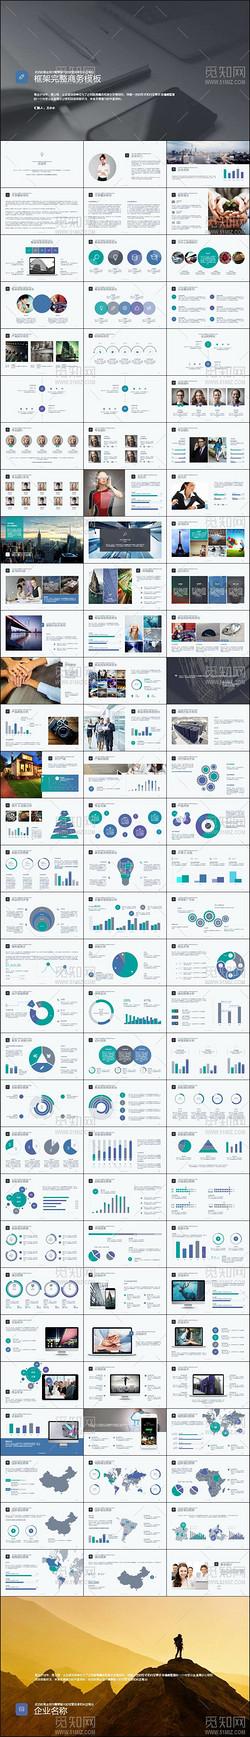 清新自然欧美风商业融资计划书PPT模板